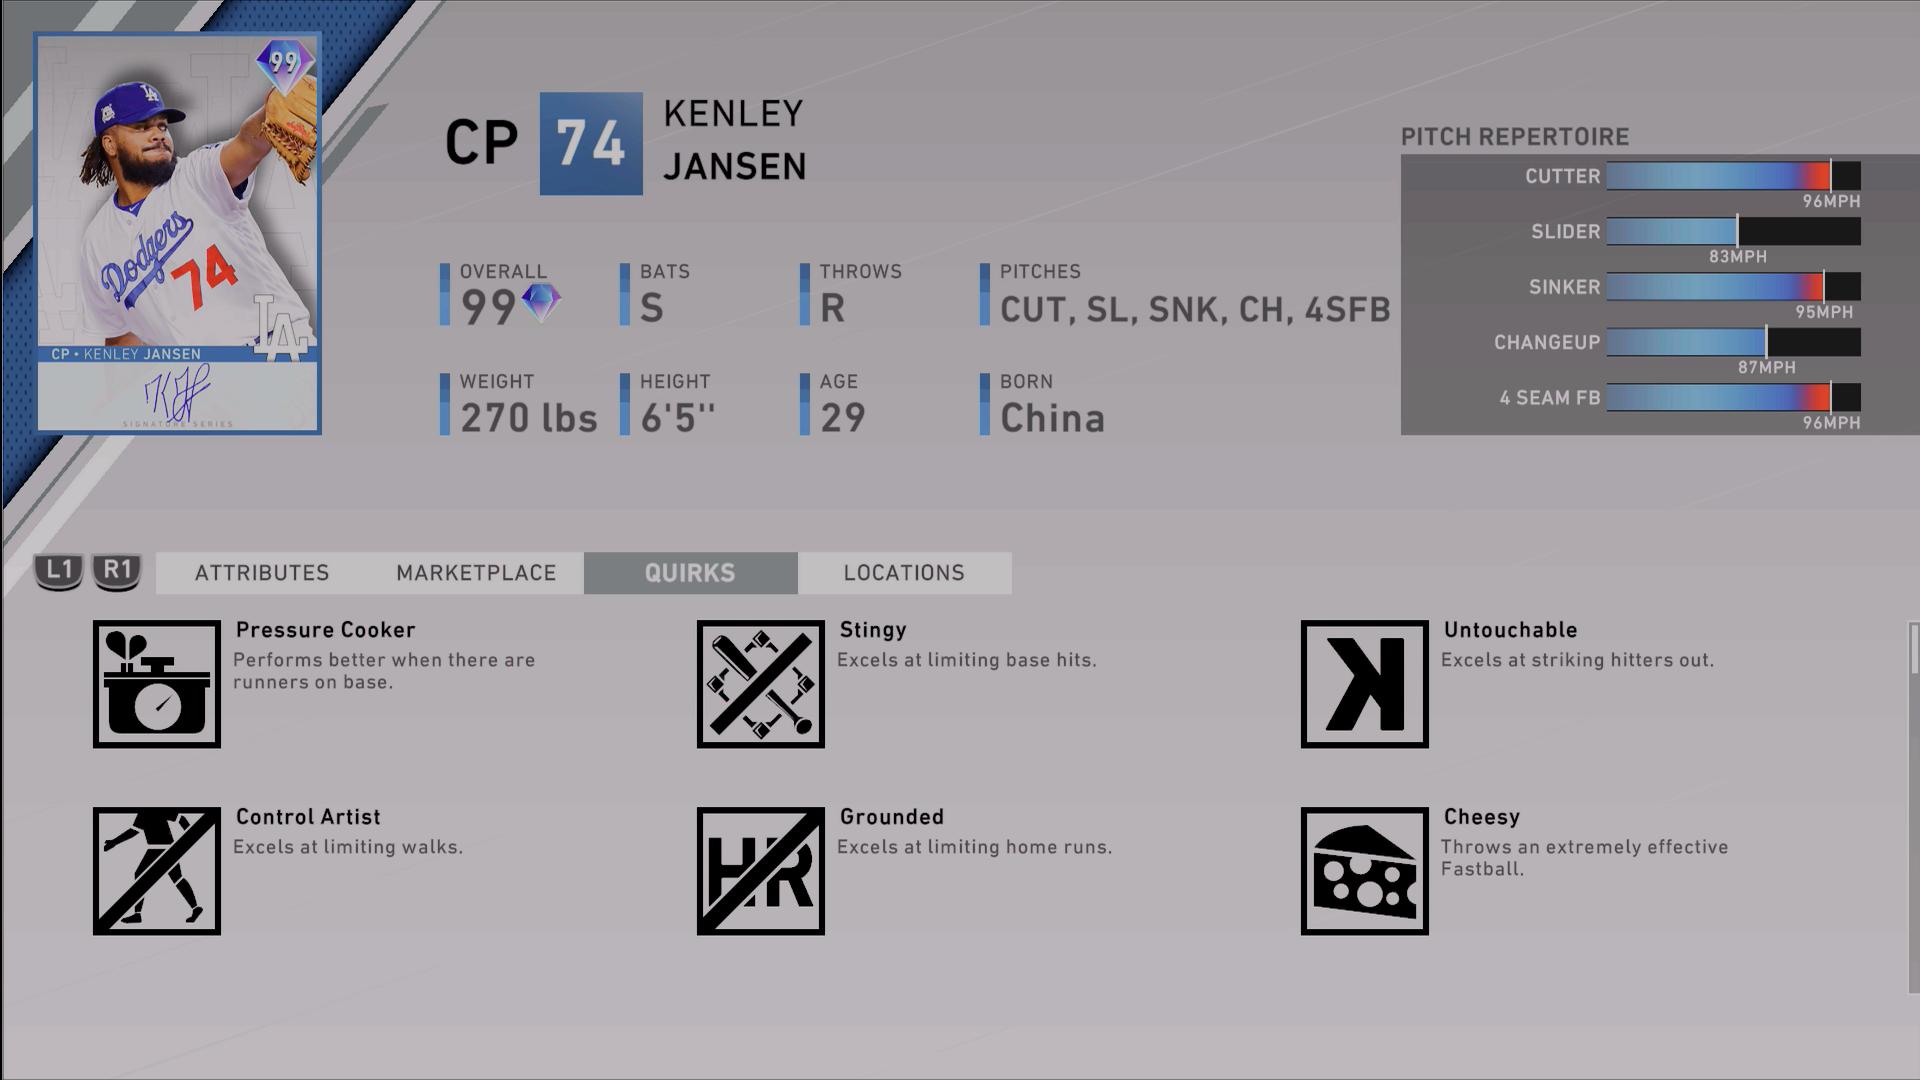 signature-series-kenley-jansen-quirks